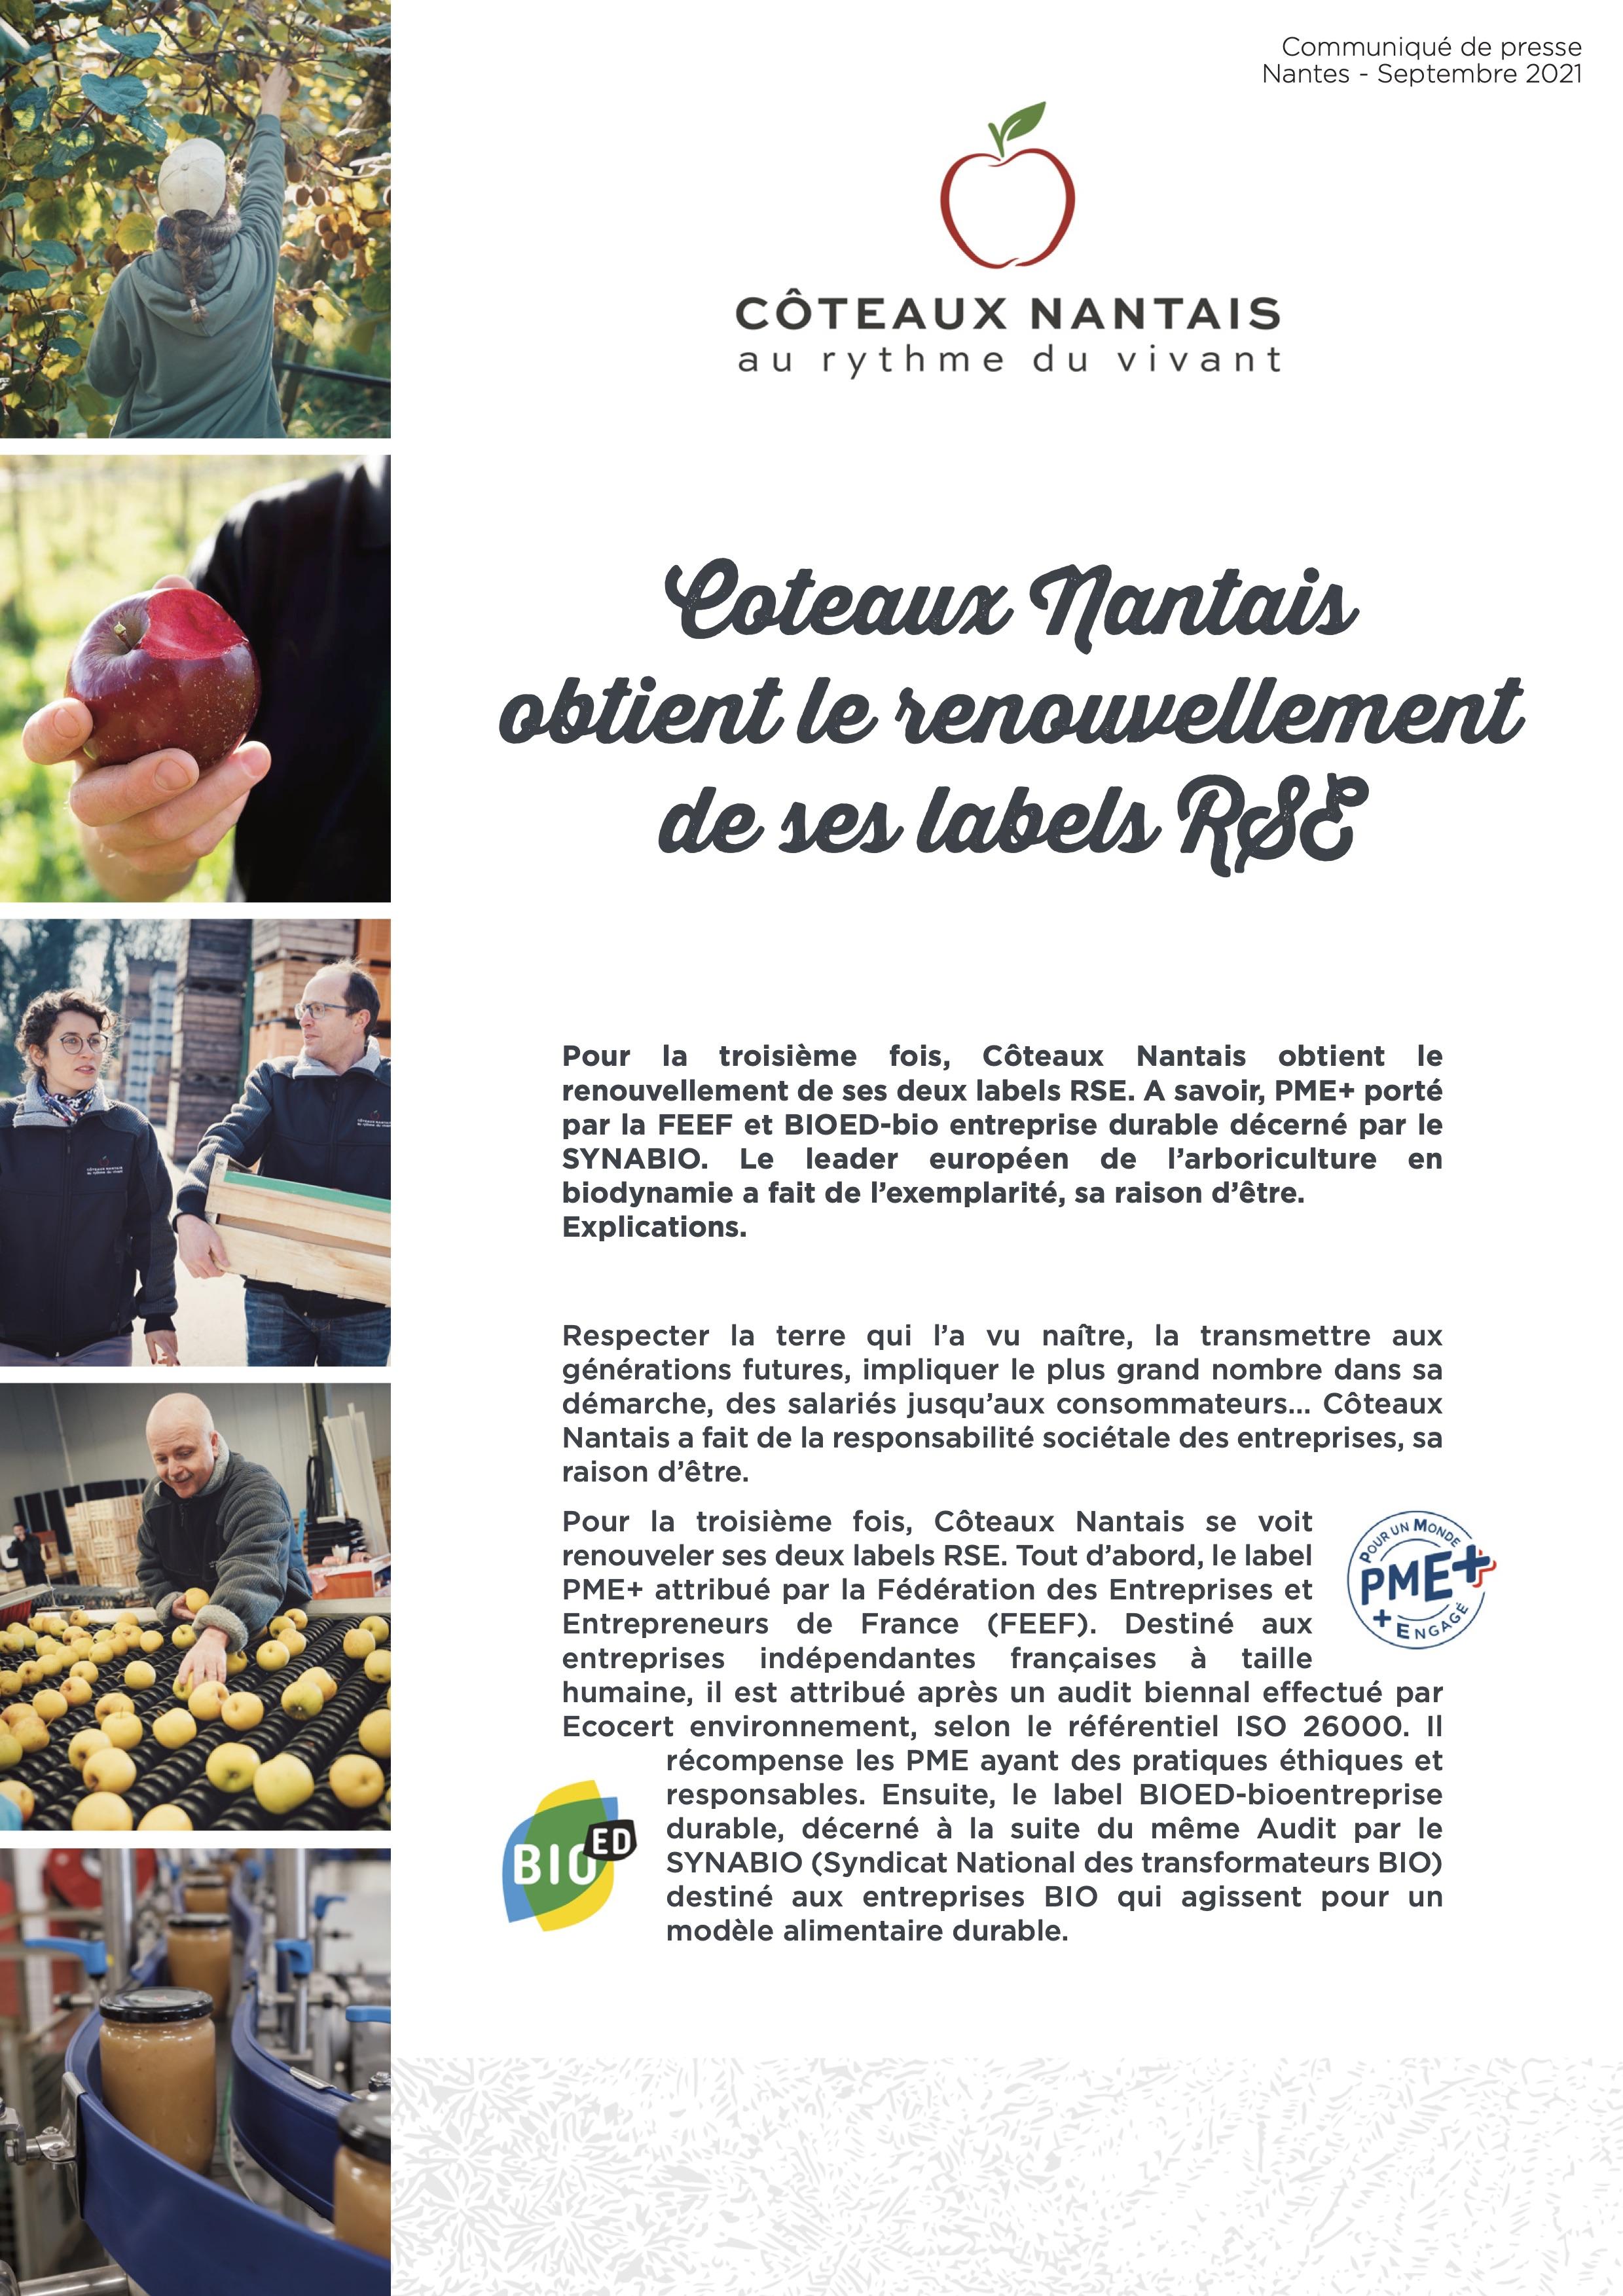 Communiqué labels Côteaux Nantais